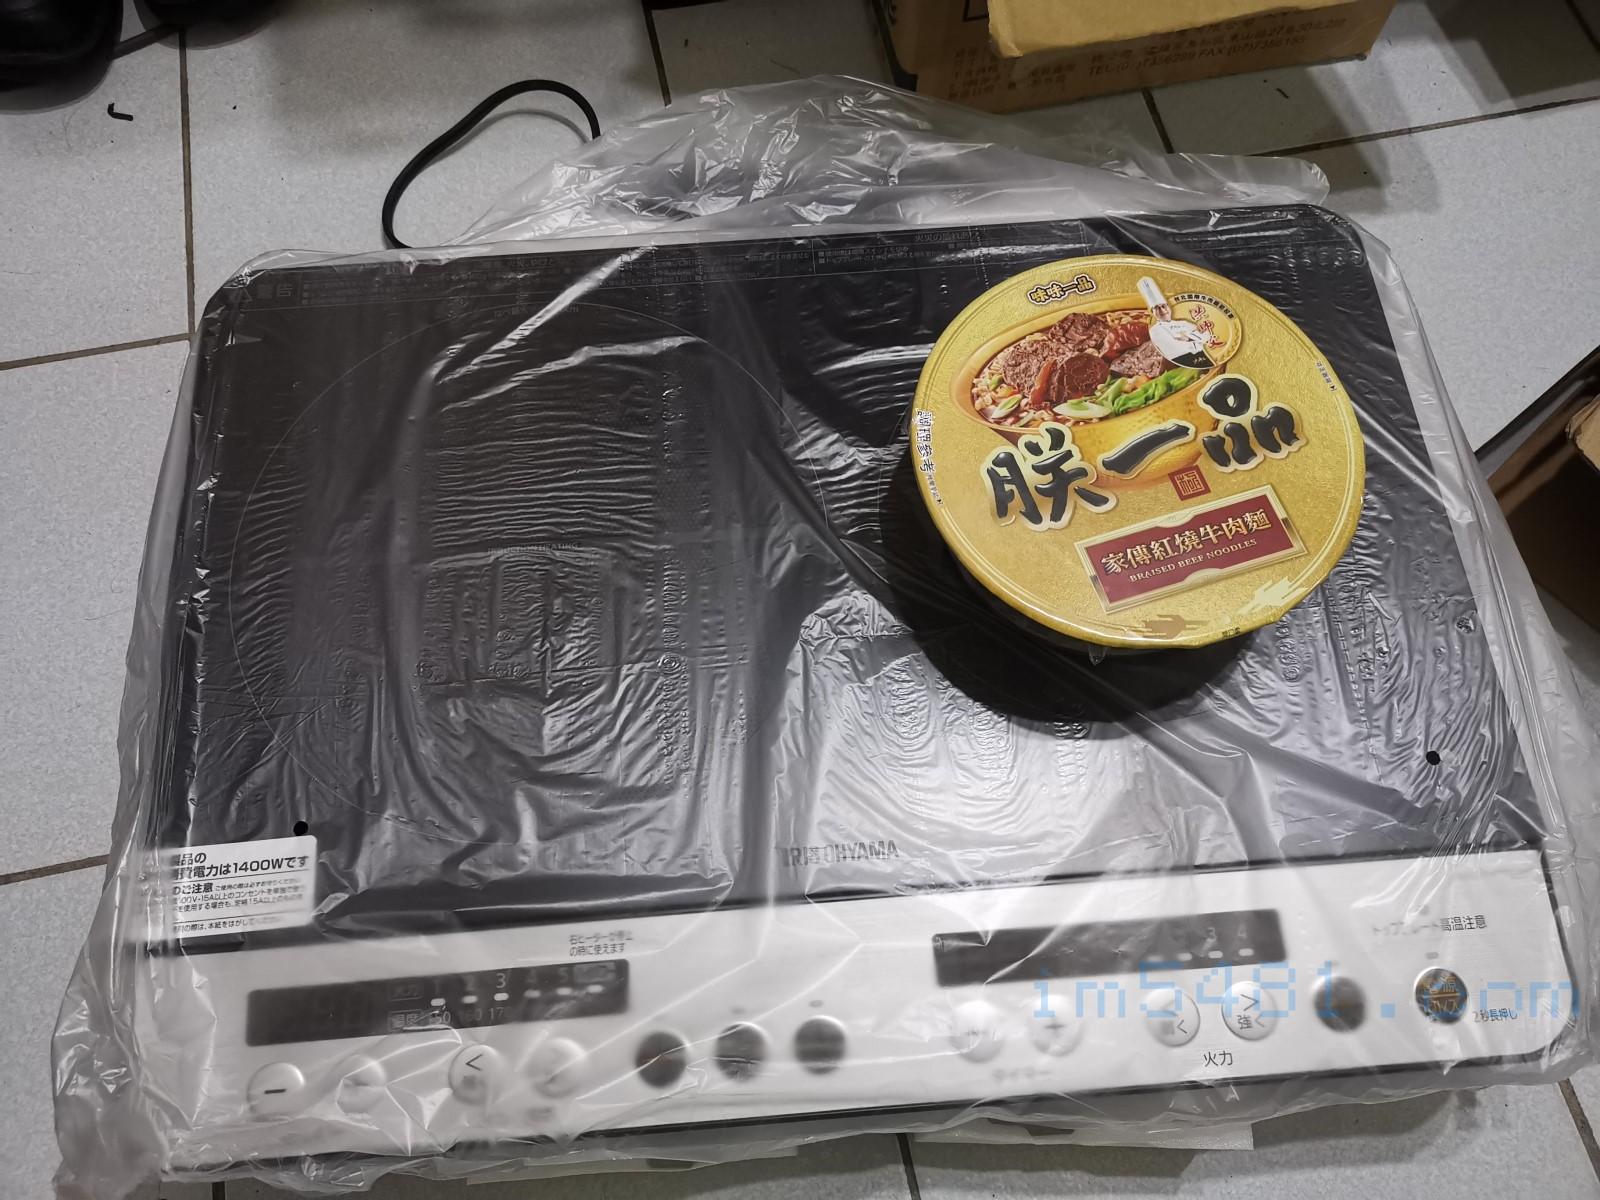 IHK-W12SP-B 雙口爐跟味味一品大碗泡麵的大小比較